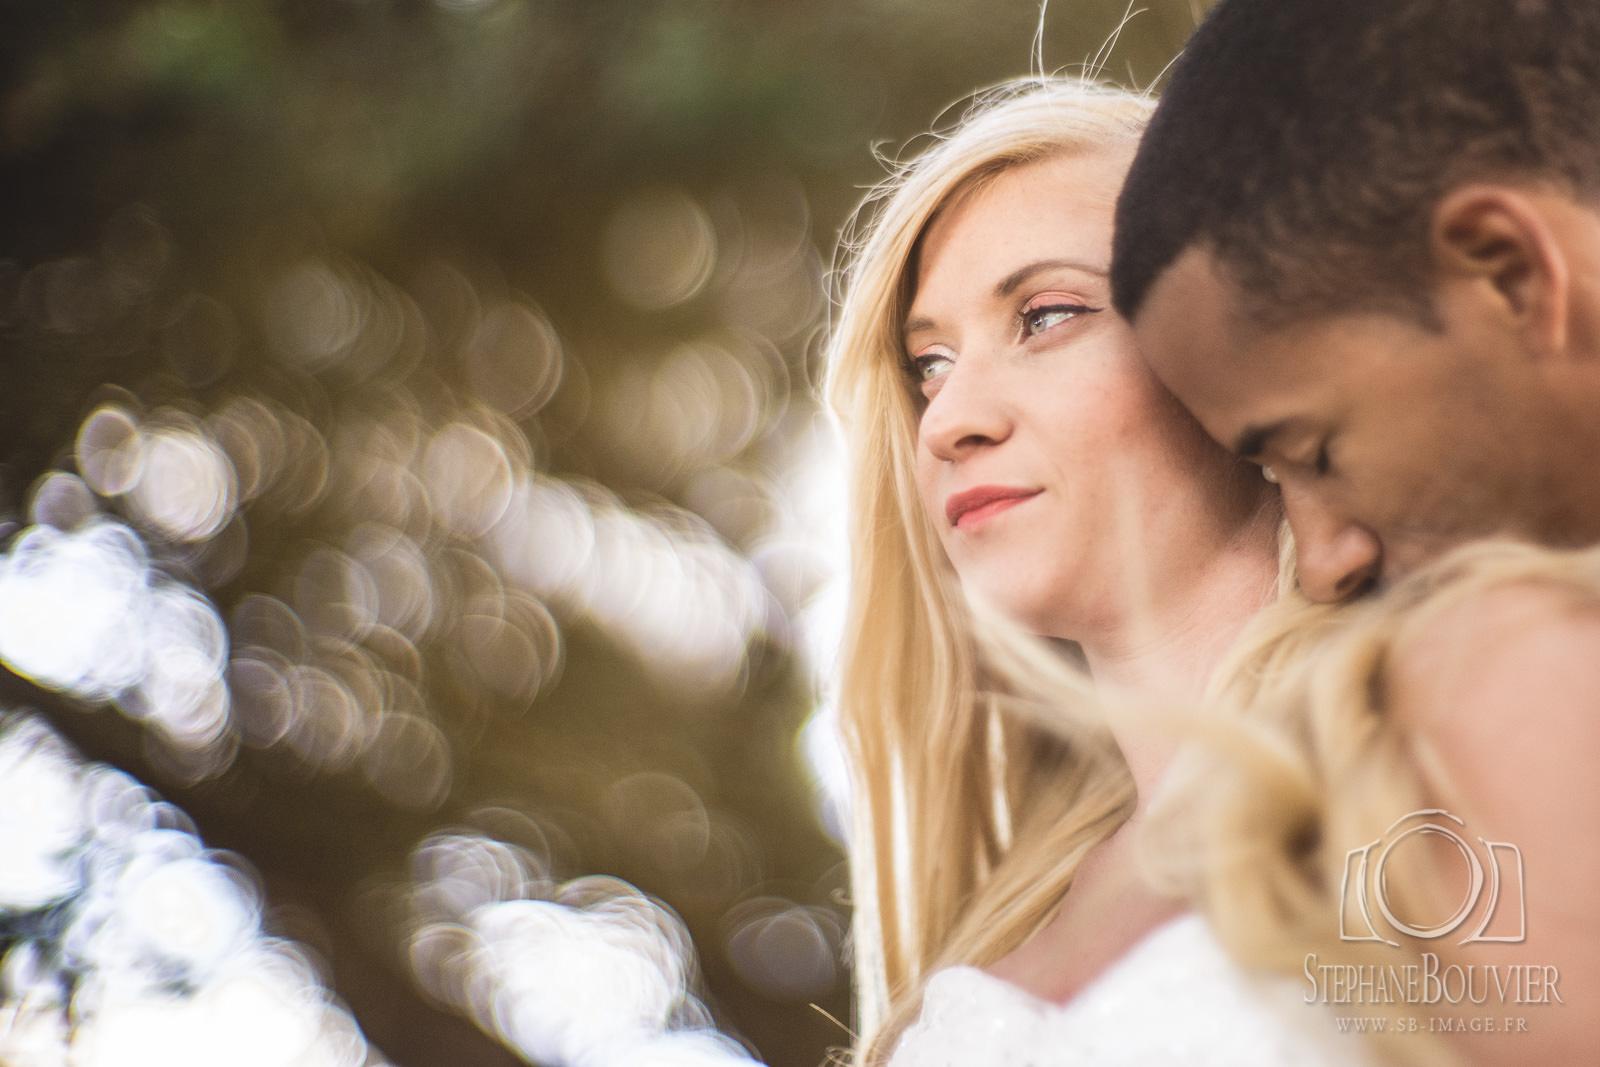 Mariage de M. et R. à Vannes